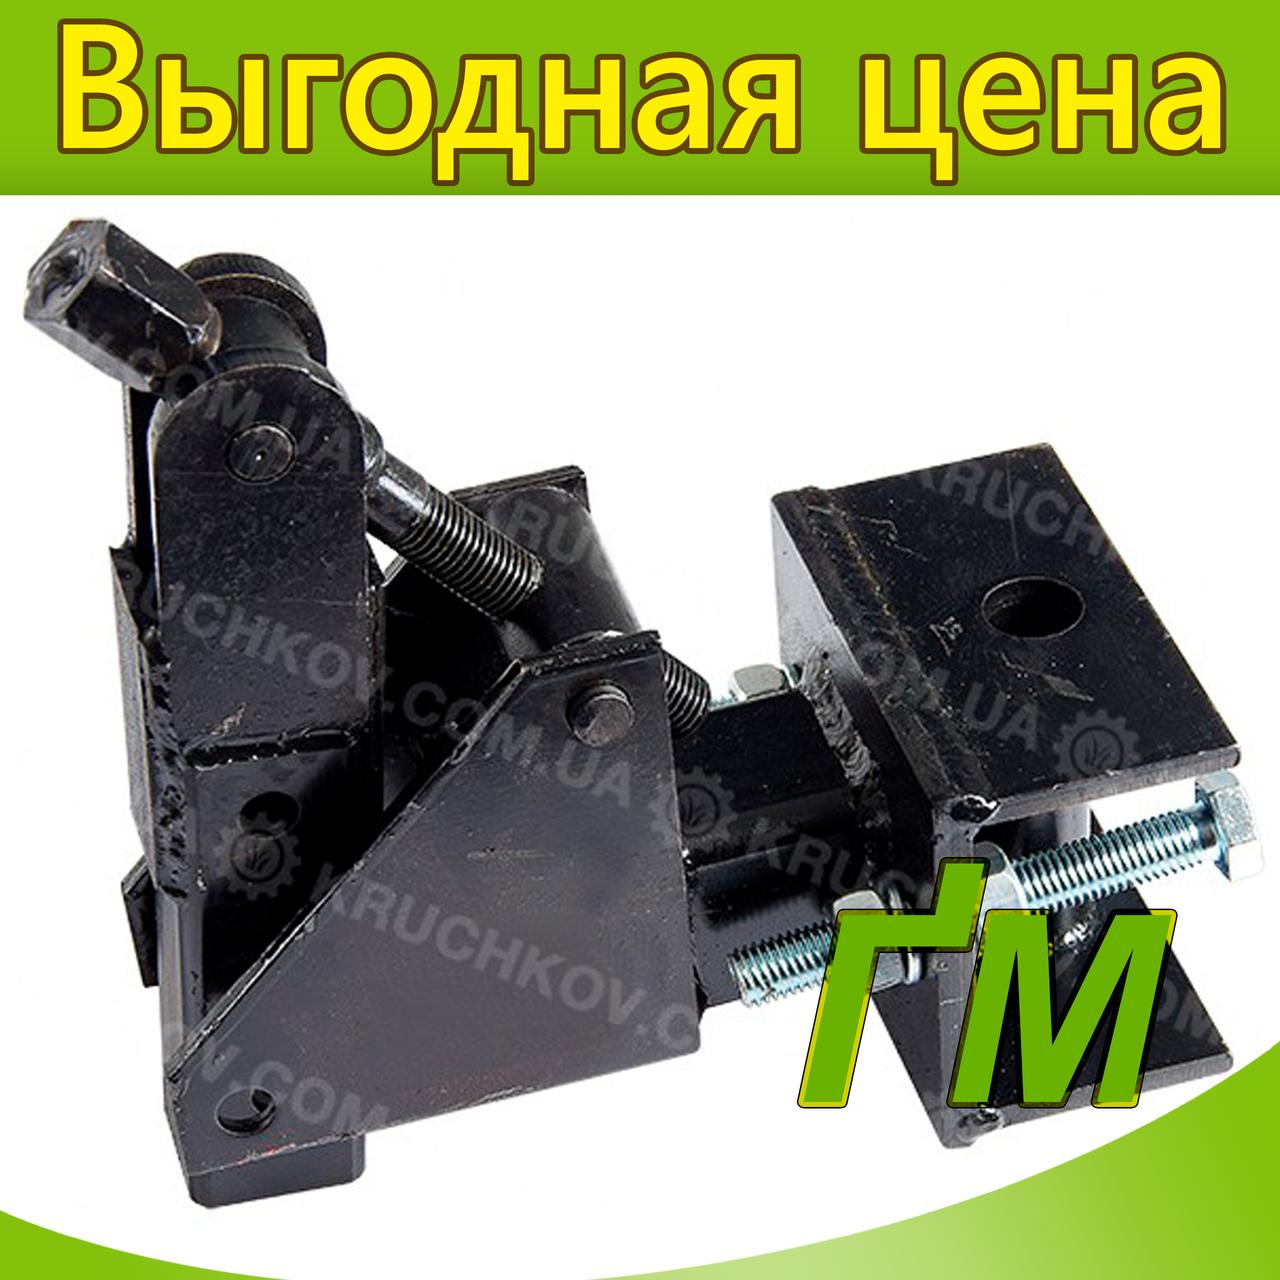 Сцепной узел под мототрактор с гидравликой (СЦ32)